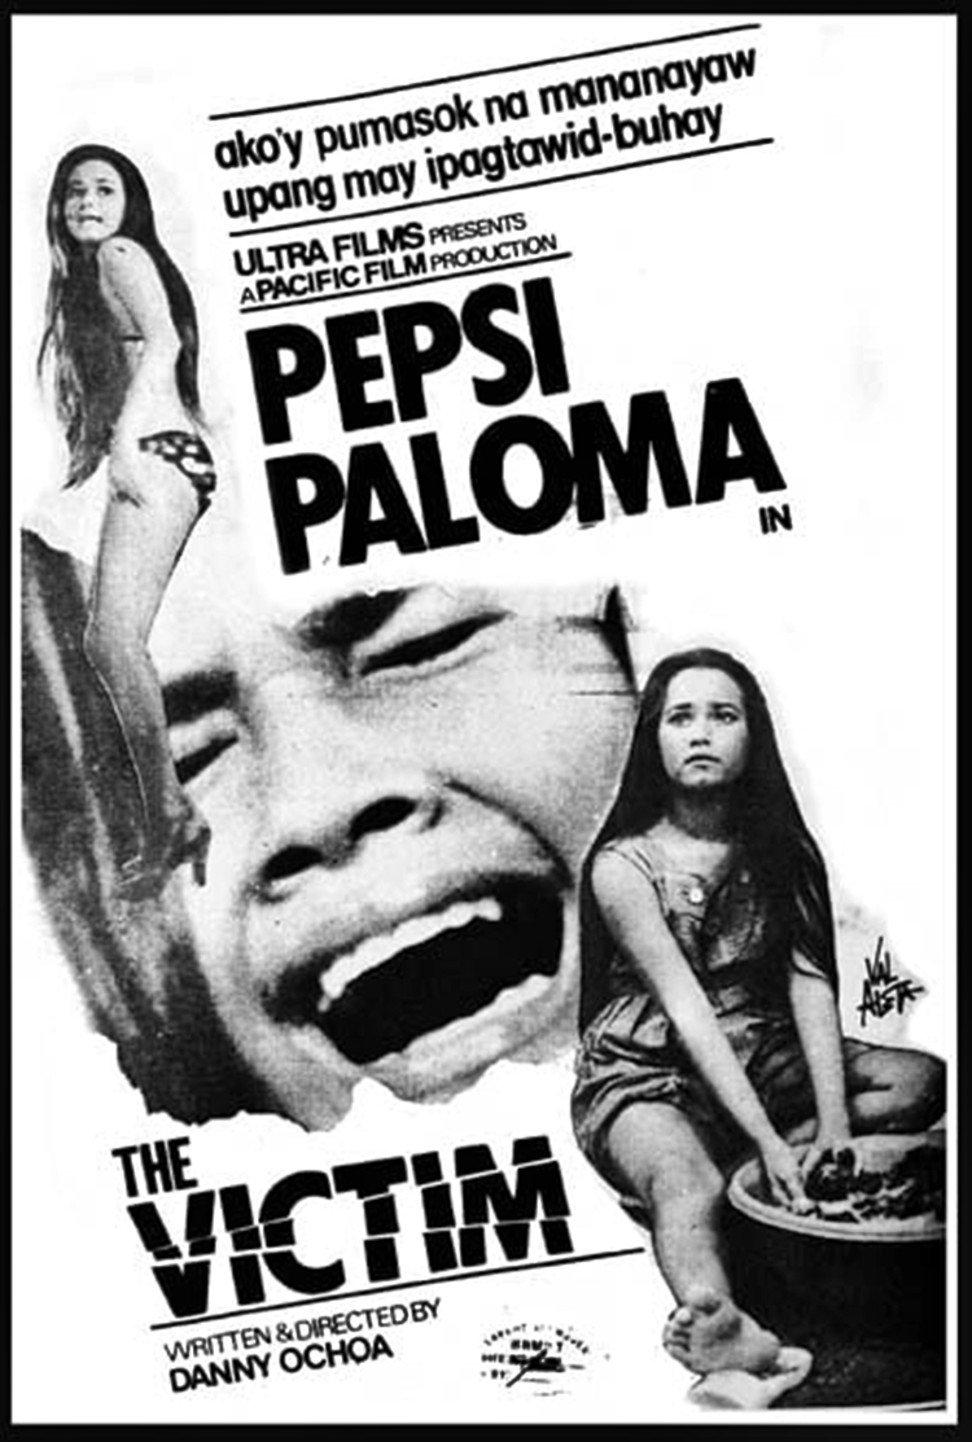 Pinoy movie sex scenes paloma